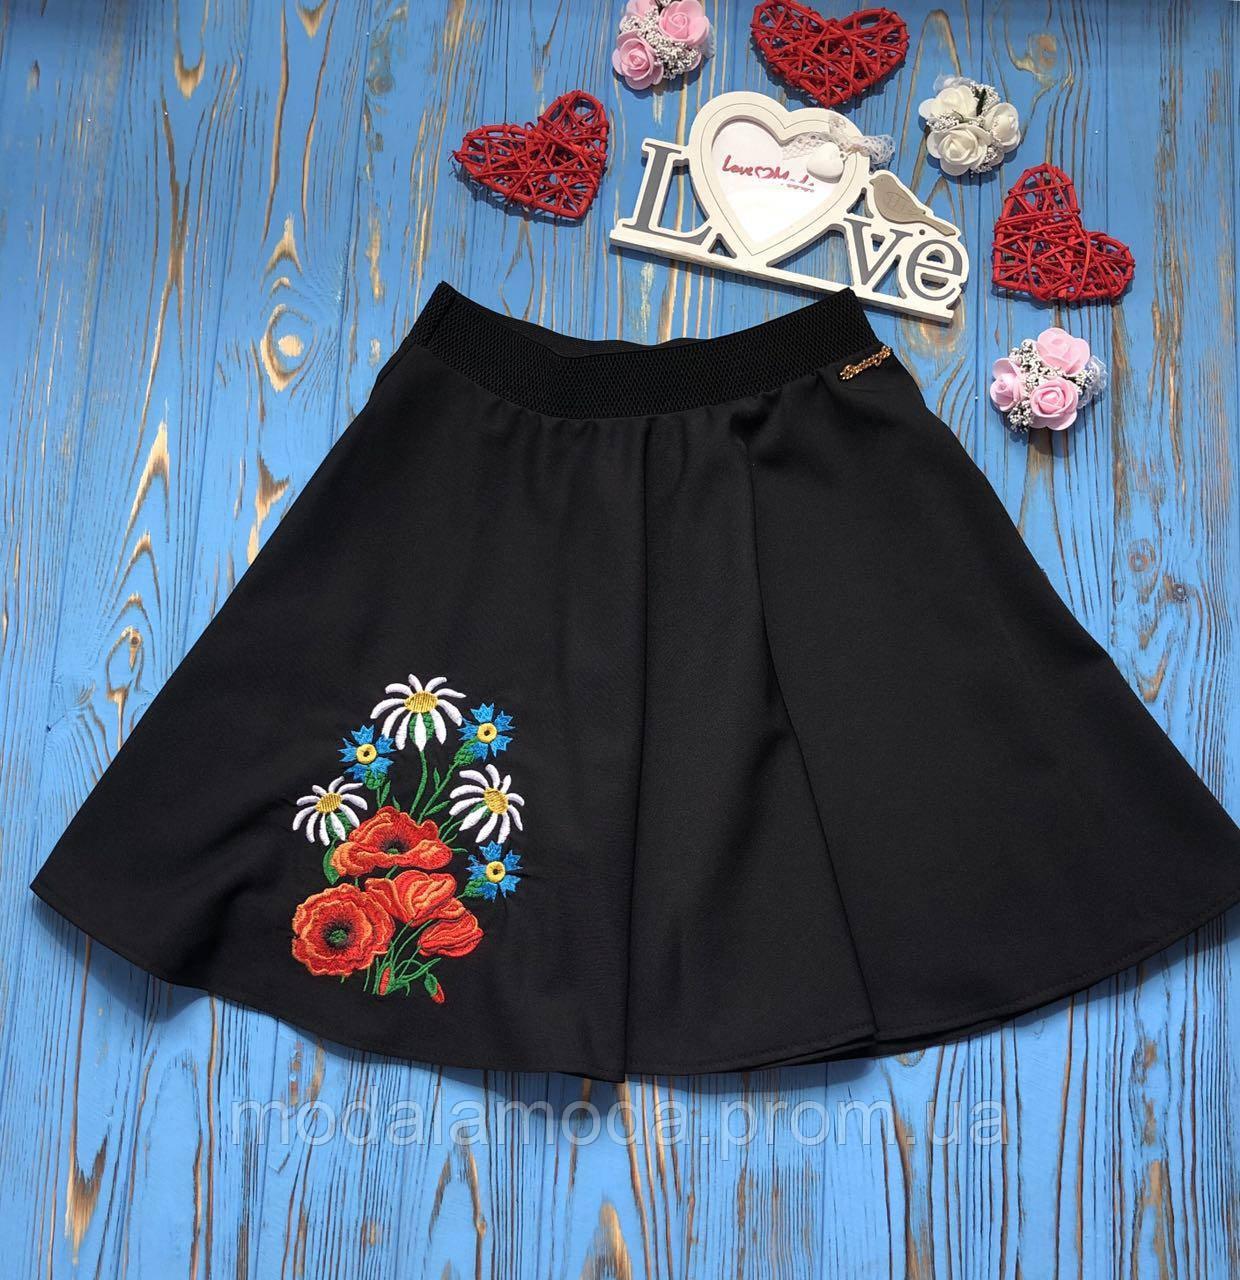 Юбка для подростка с красивой вышивкой с полевыми цветами оптом